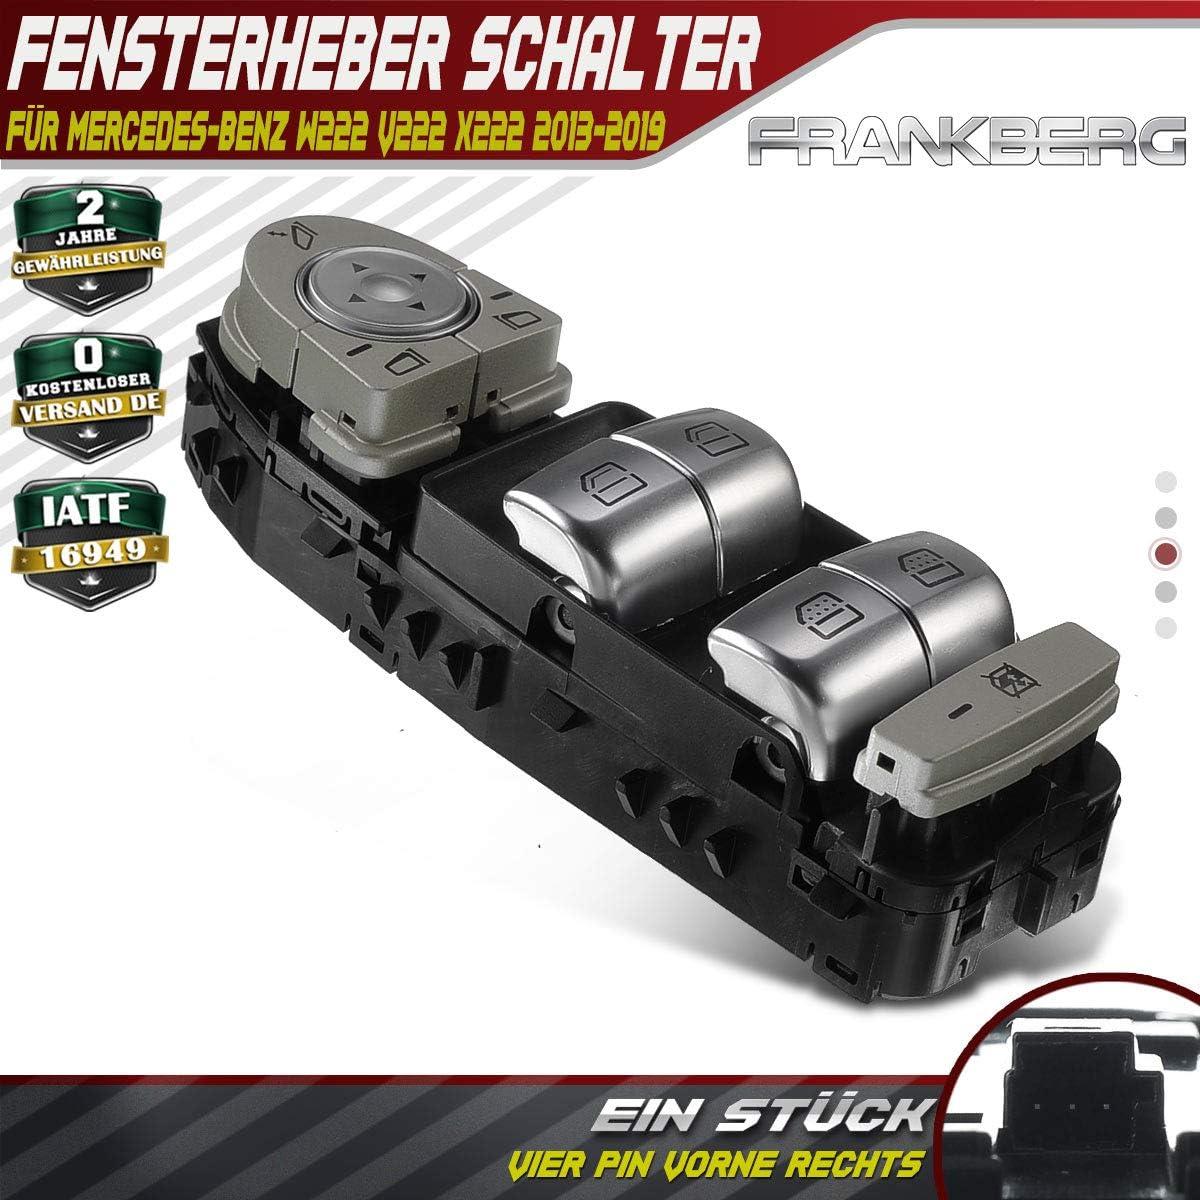 Fensterheber Schalter Schalteinheit Taste Vorne Links f/ür W222 V222 X222 2013-2019 2229052004